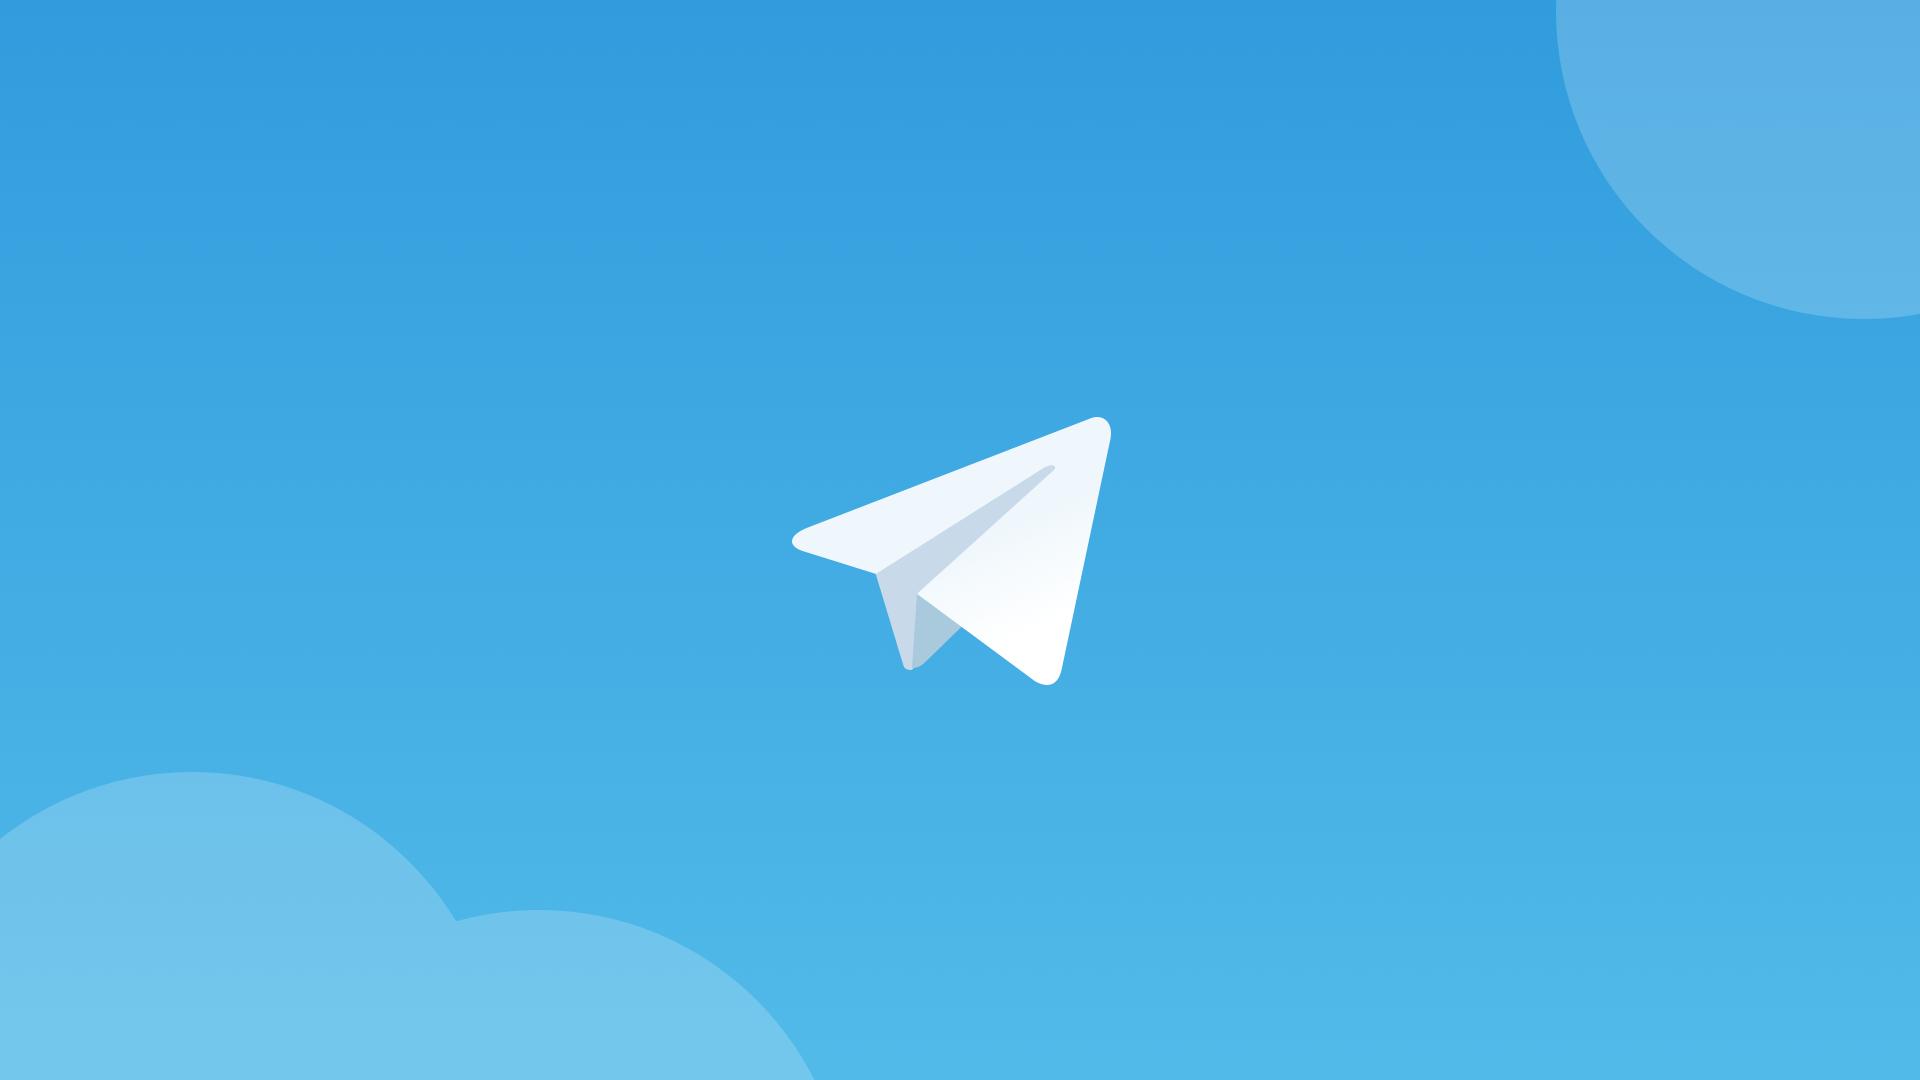 تلگرام : پیام رسان یا یک پلتفرم